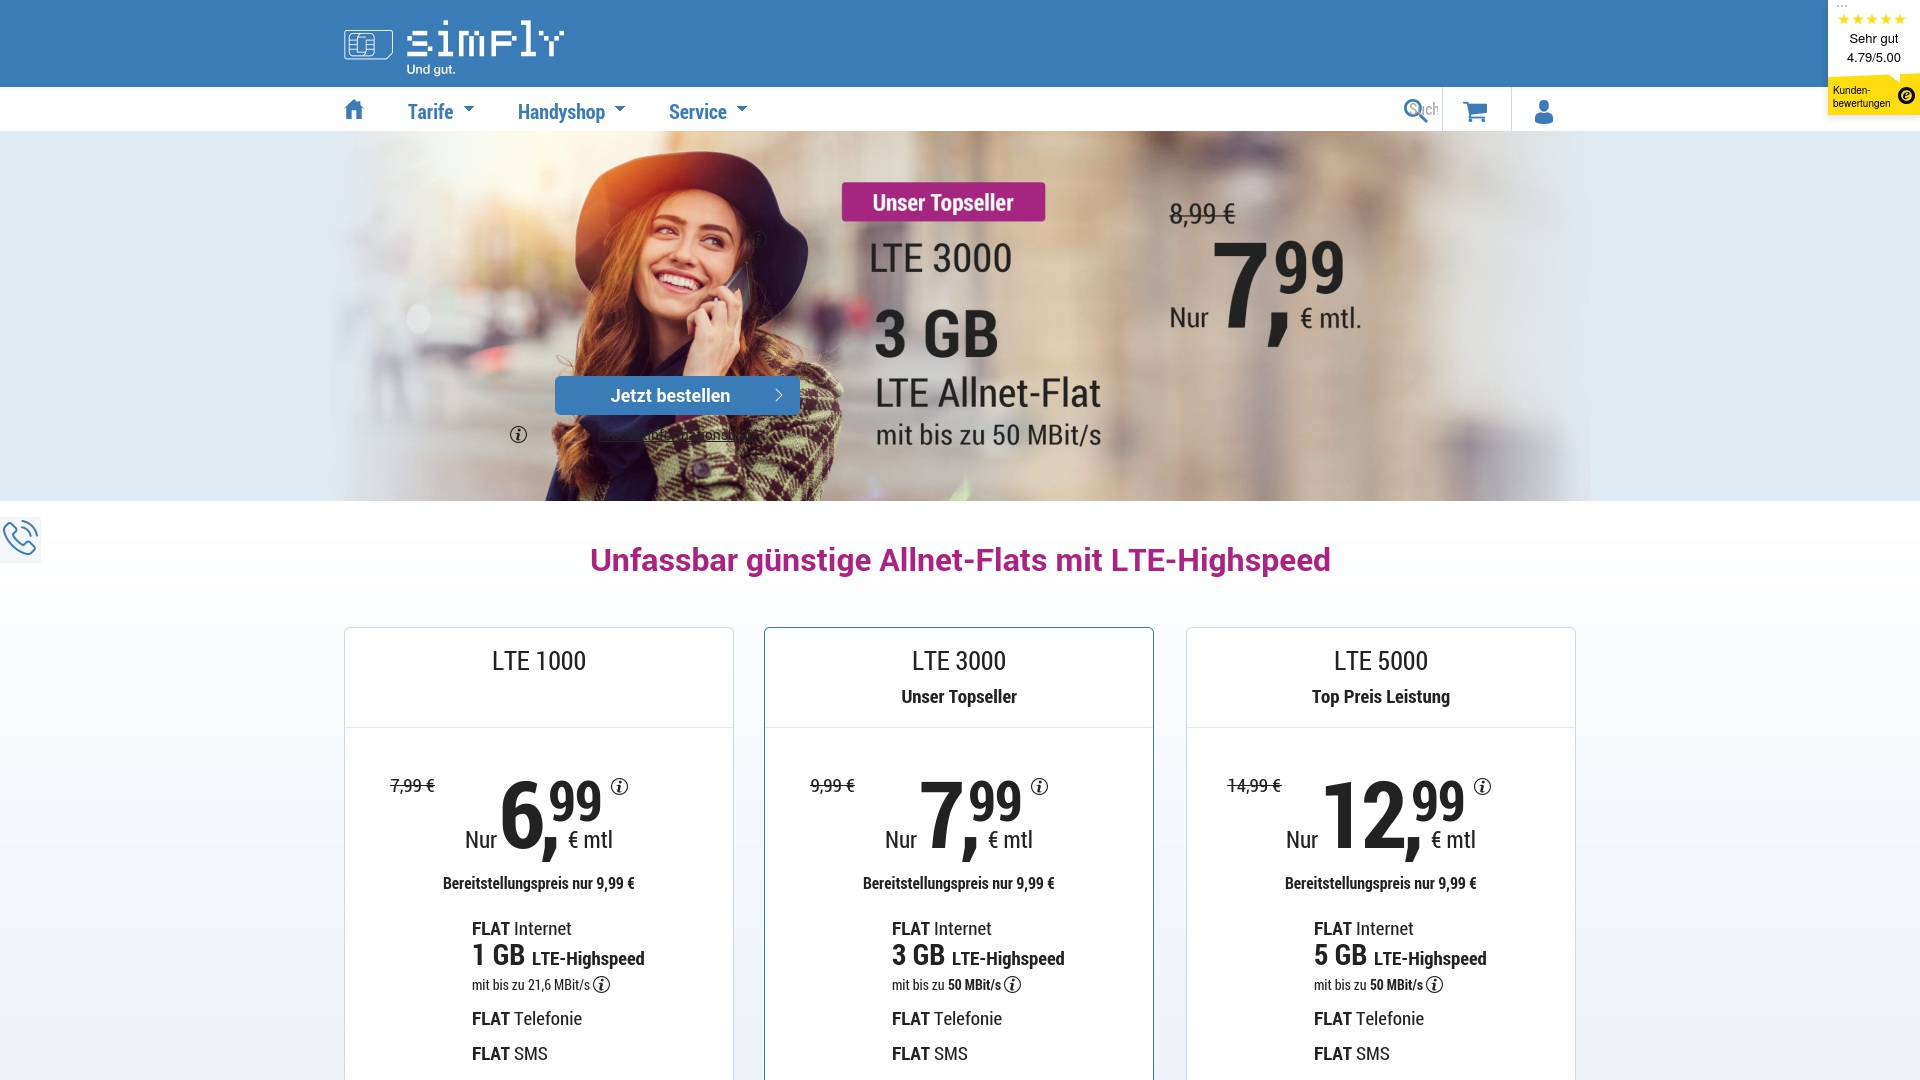 Geld zurück bei Simplytel: Jetzt im Mai 2021 Cashback für Simplytel sichern